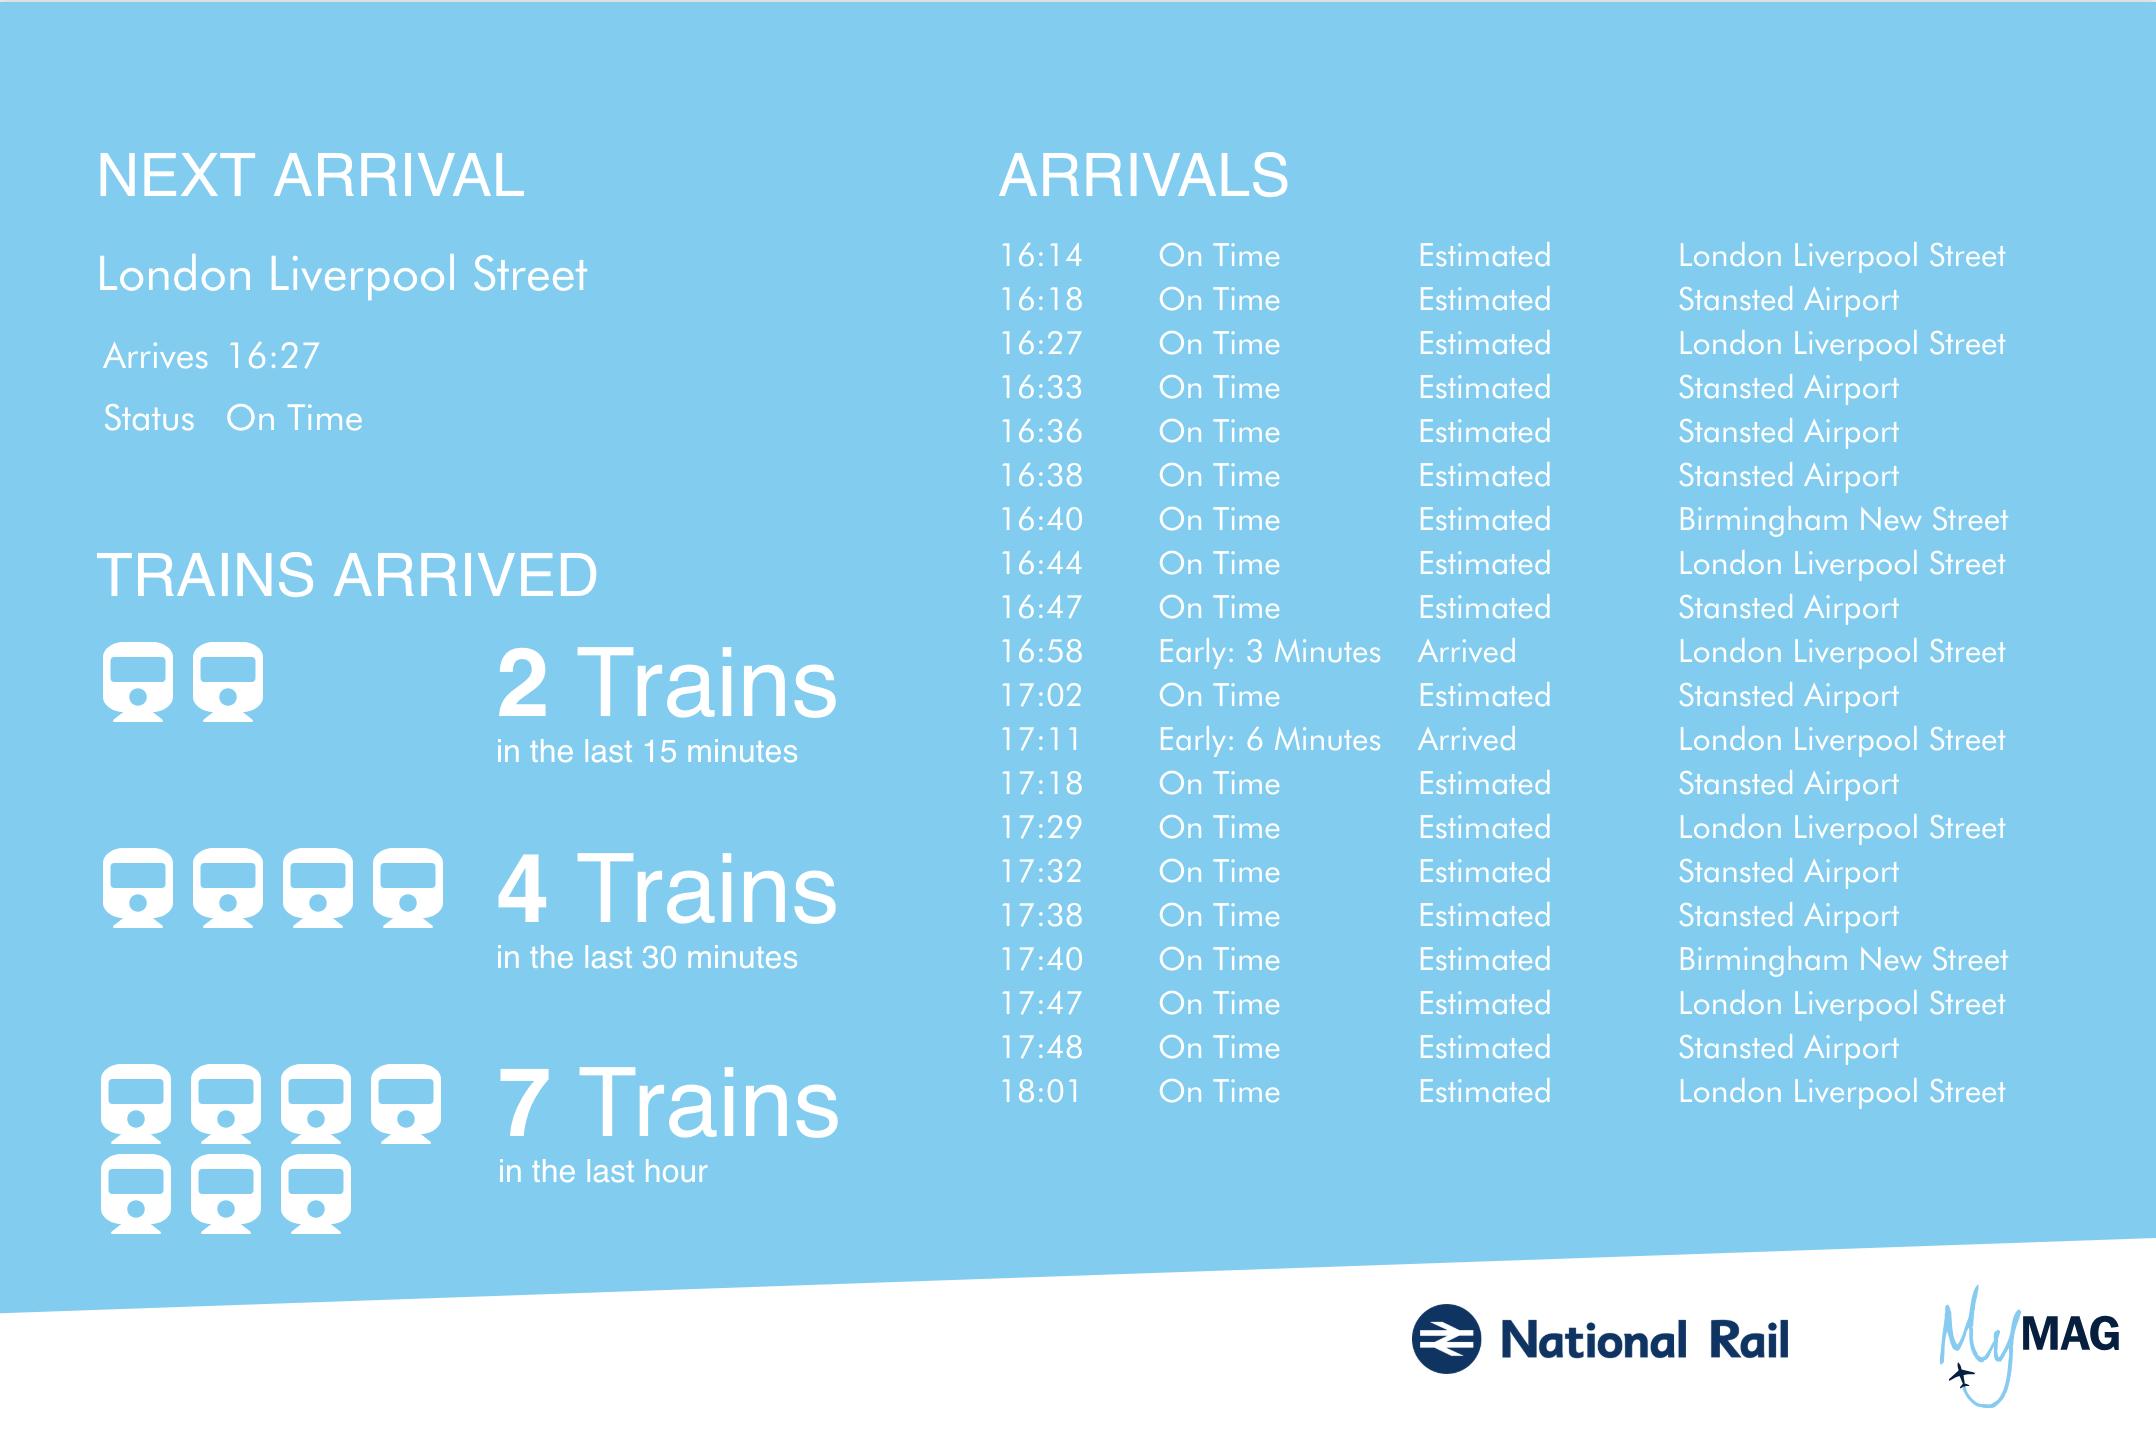 기차 도착에 대한 캔버스 대시보드 첫 번째 시도(현재 버전은 아래 참조)